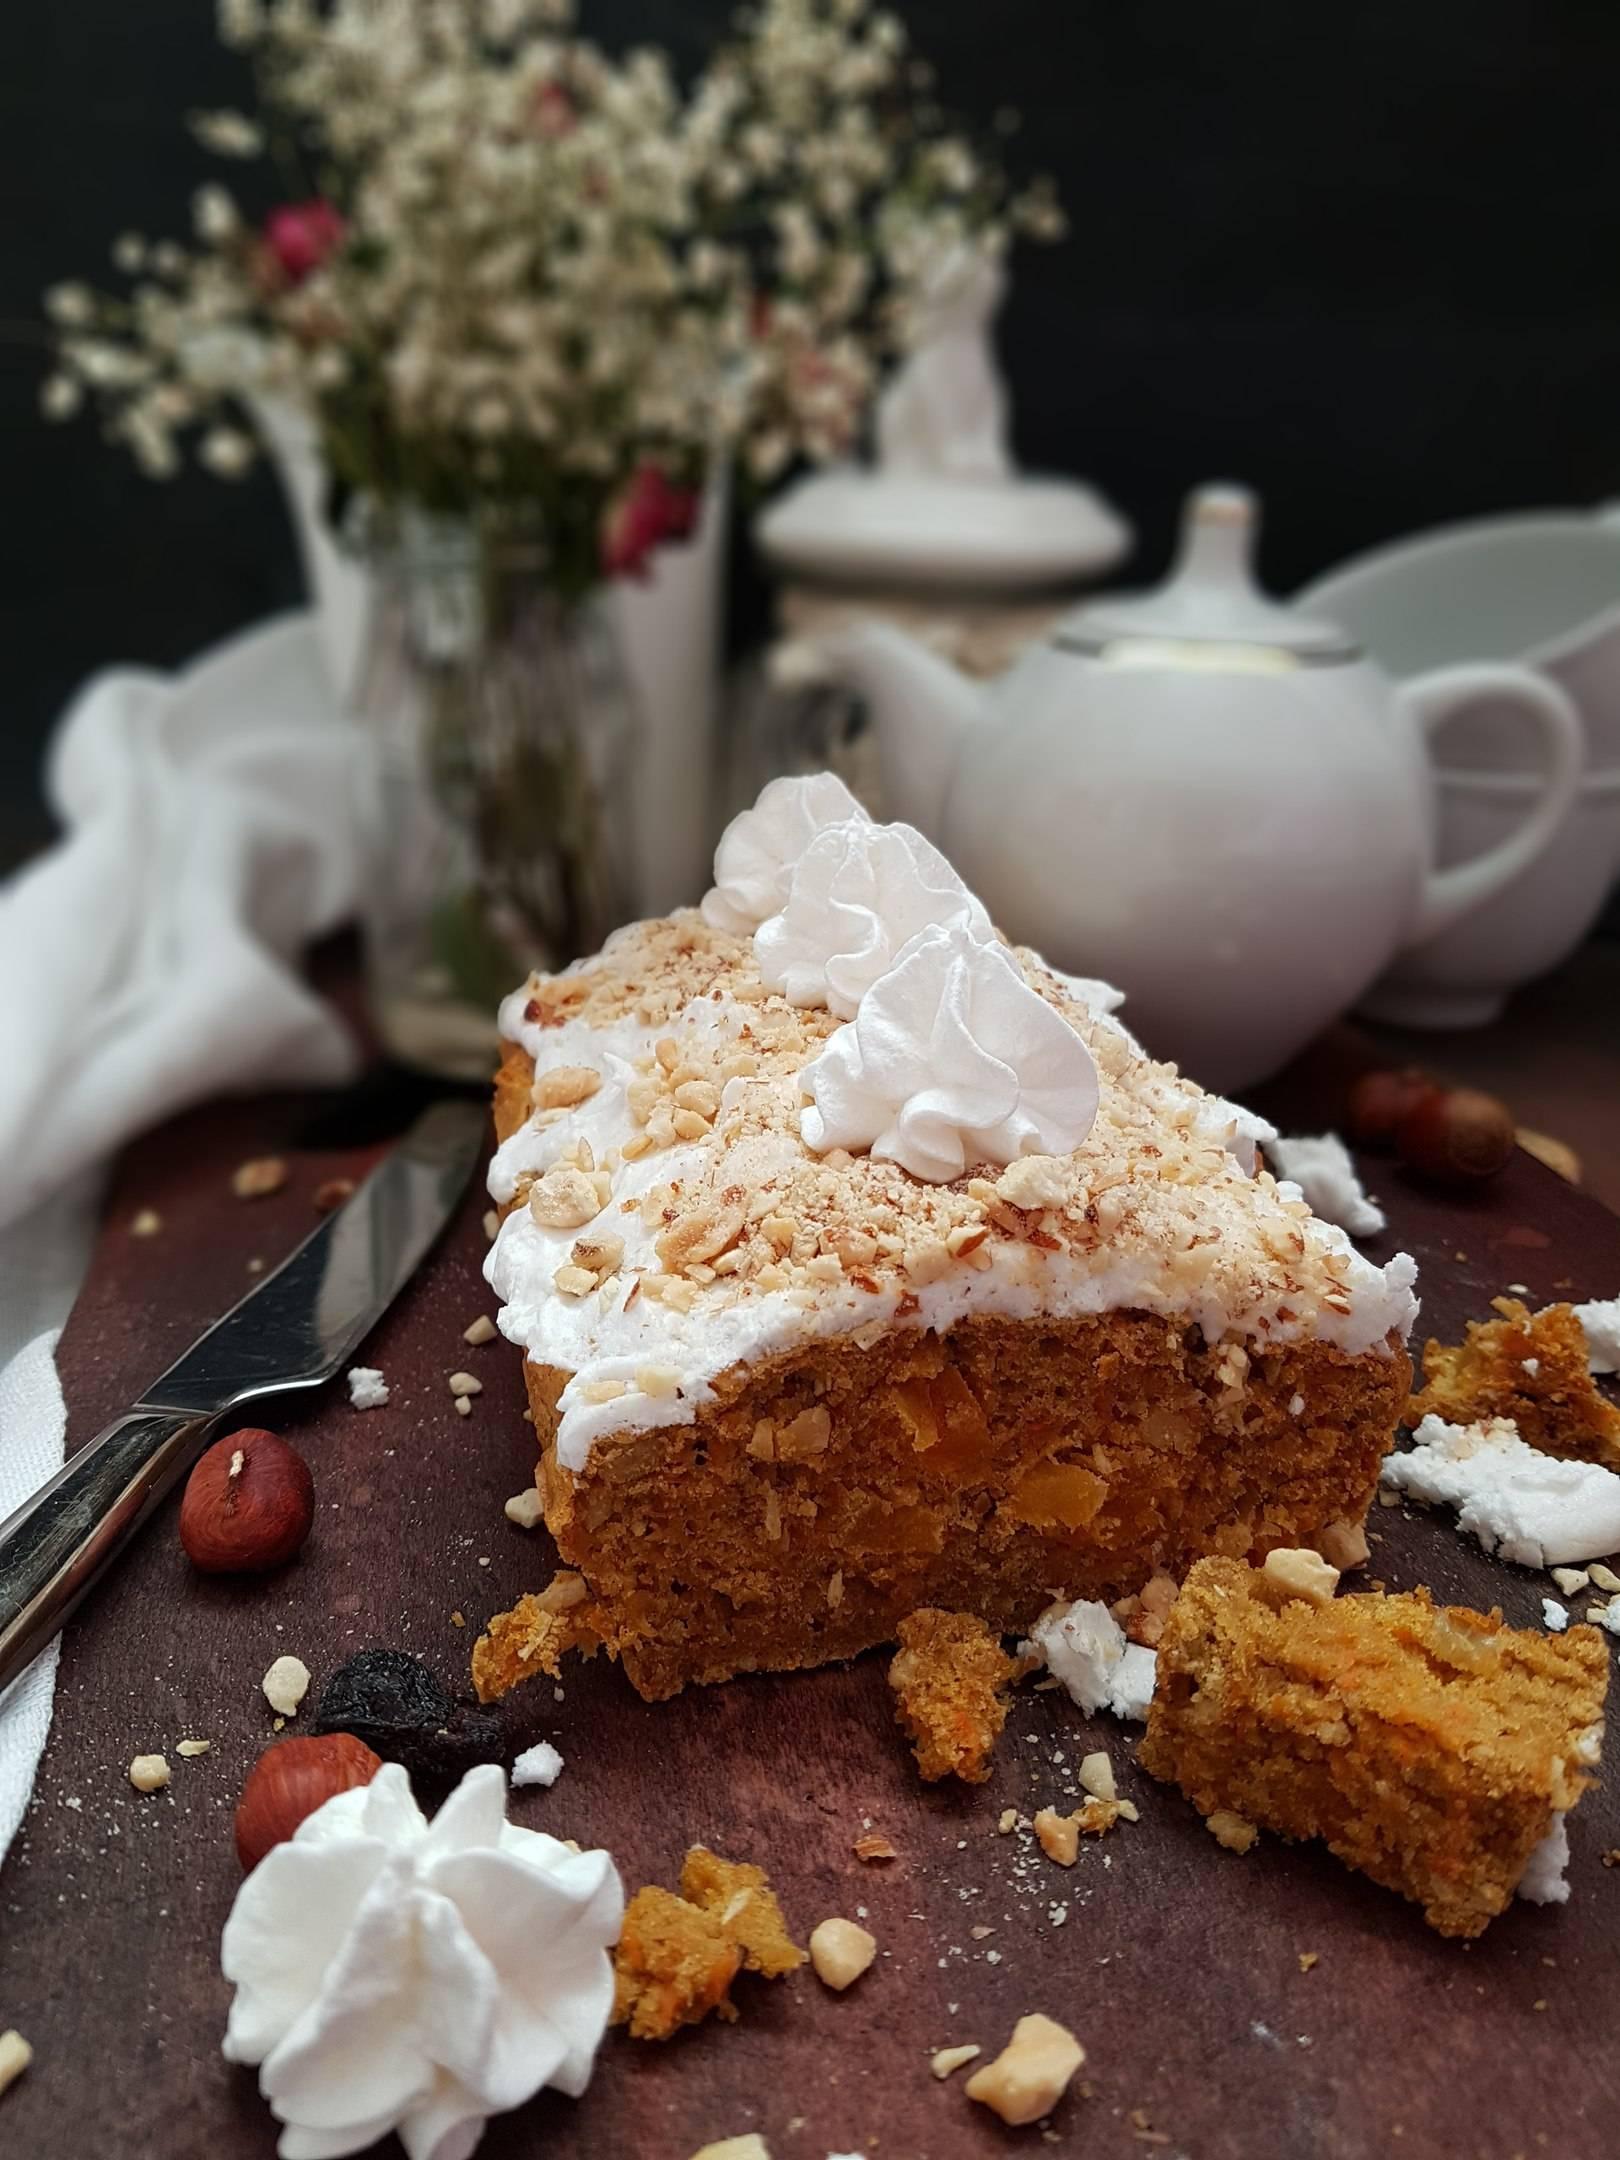 Кофе с маршмеллоу: рецепты и приготовление домашних зефирок